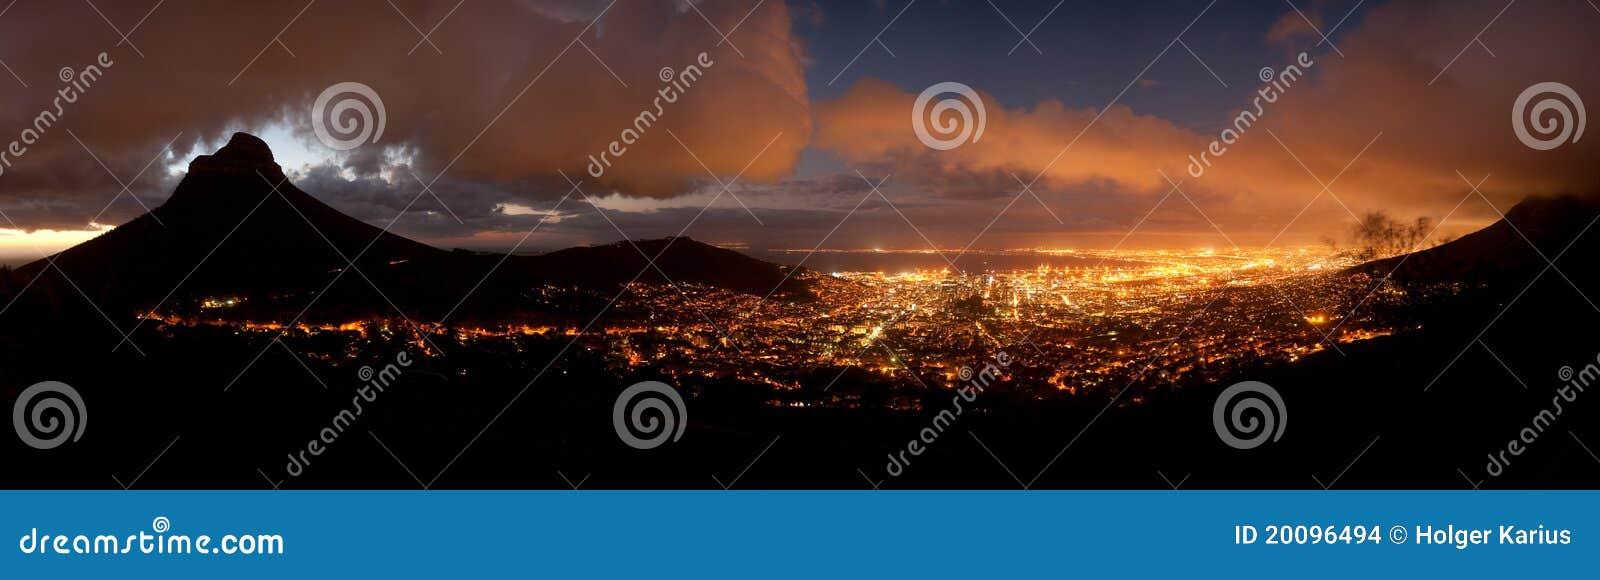 Καίηπ Τάουν τη νύχτα (Νότια Αφρική)